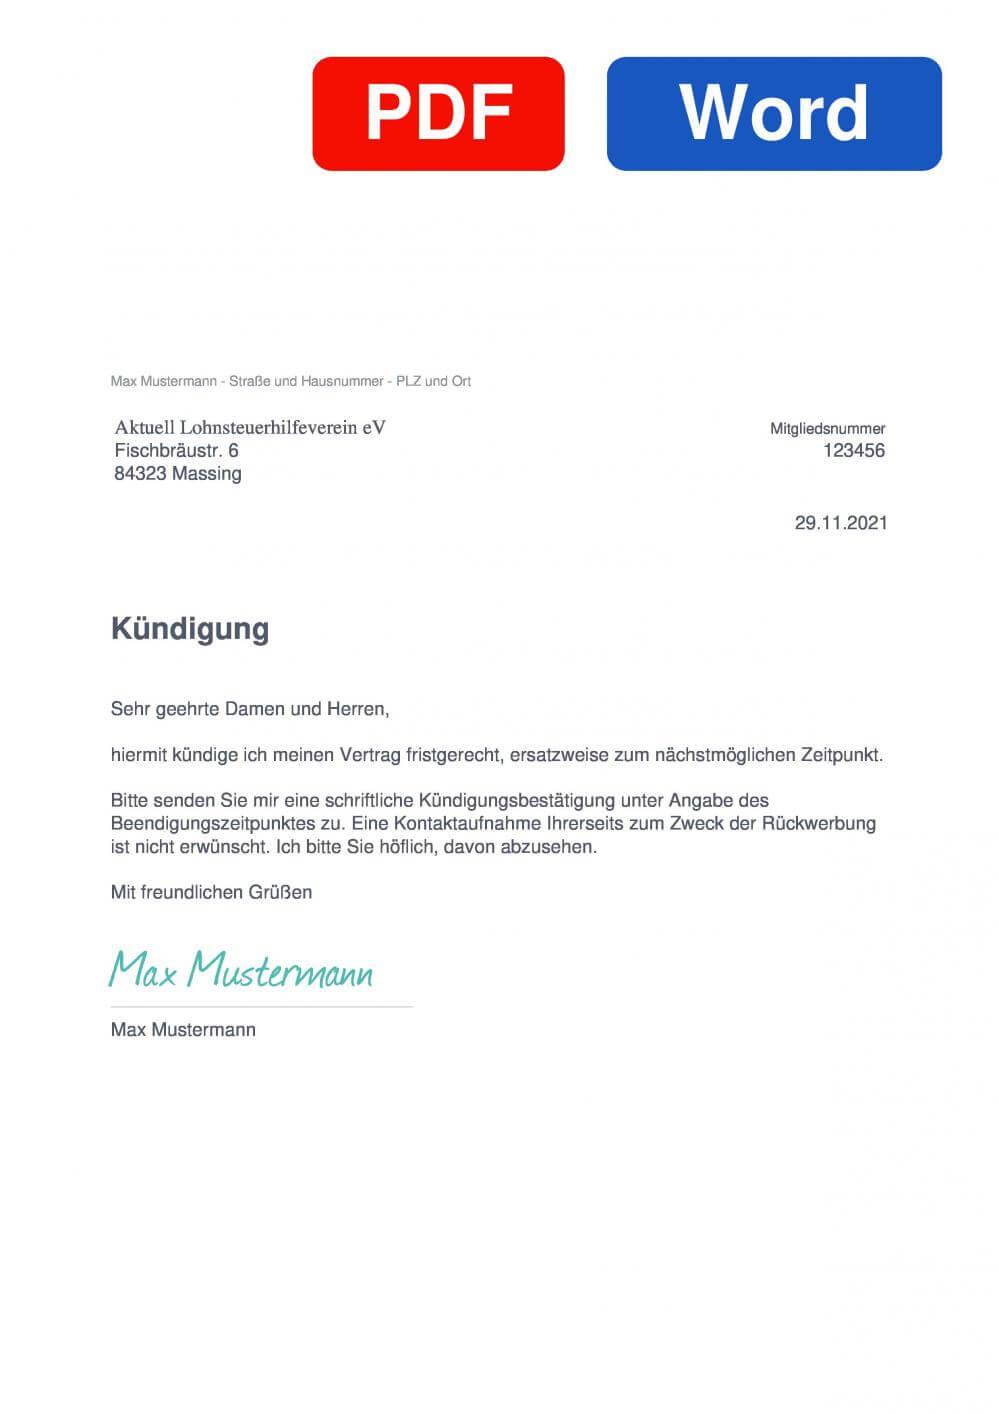 Aktuell Lohnsteuerhilfeverein Muster Vorlage für Kündigungsschreiben